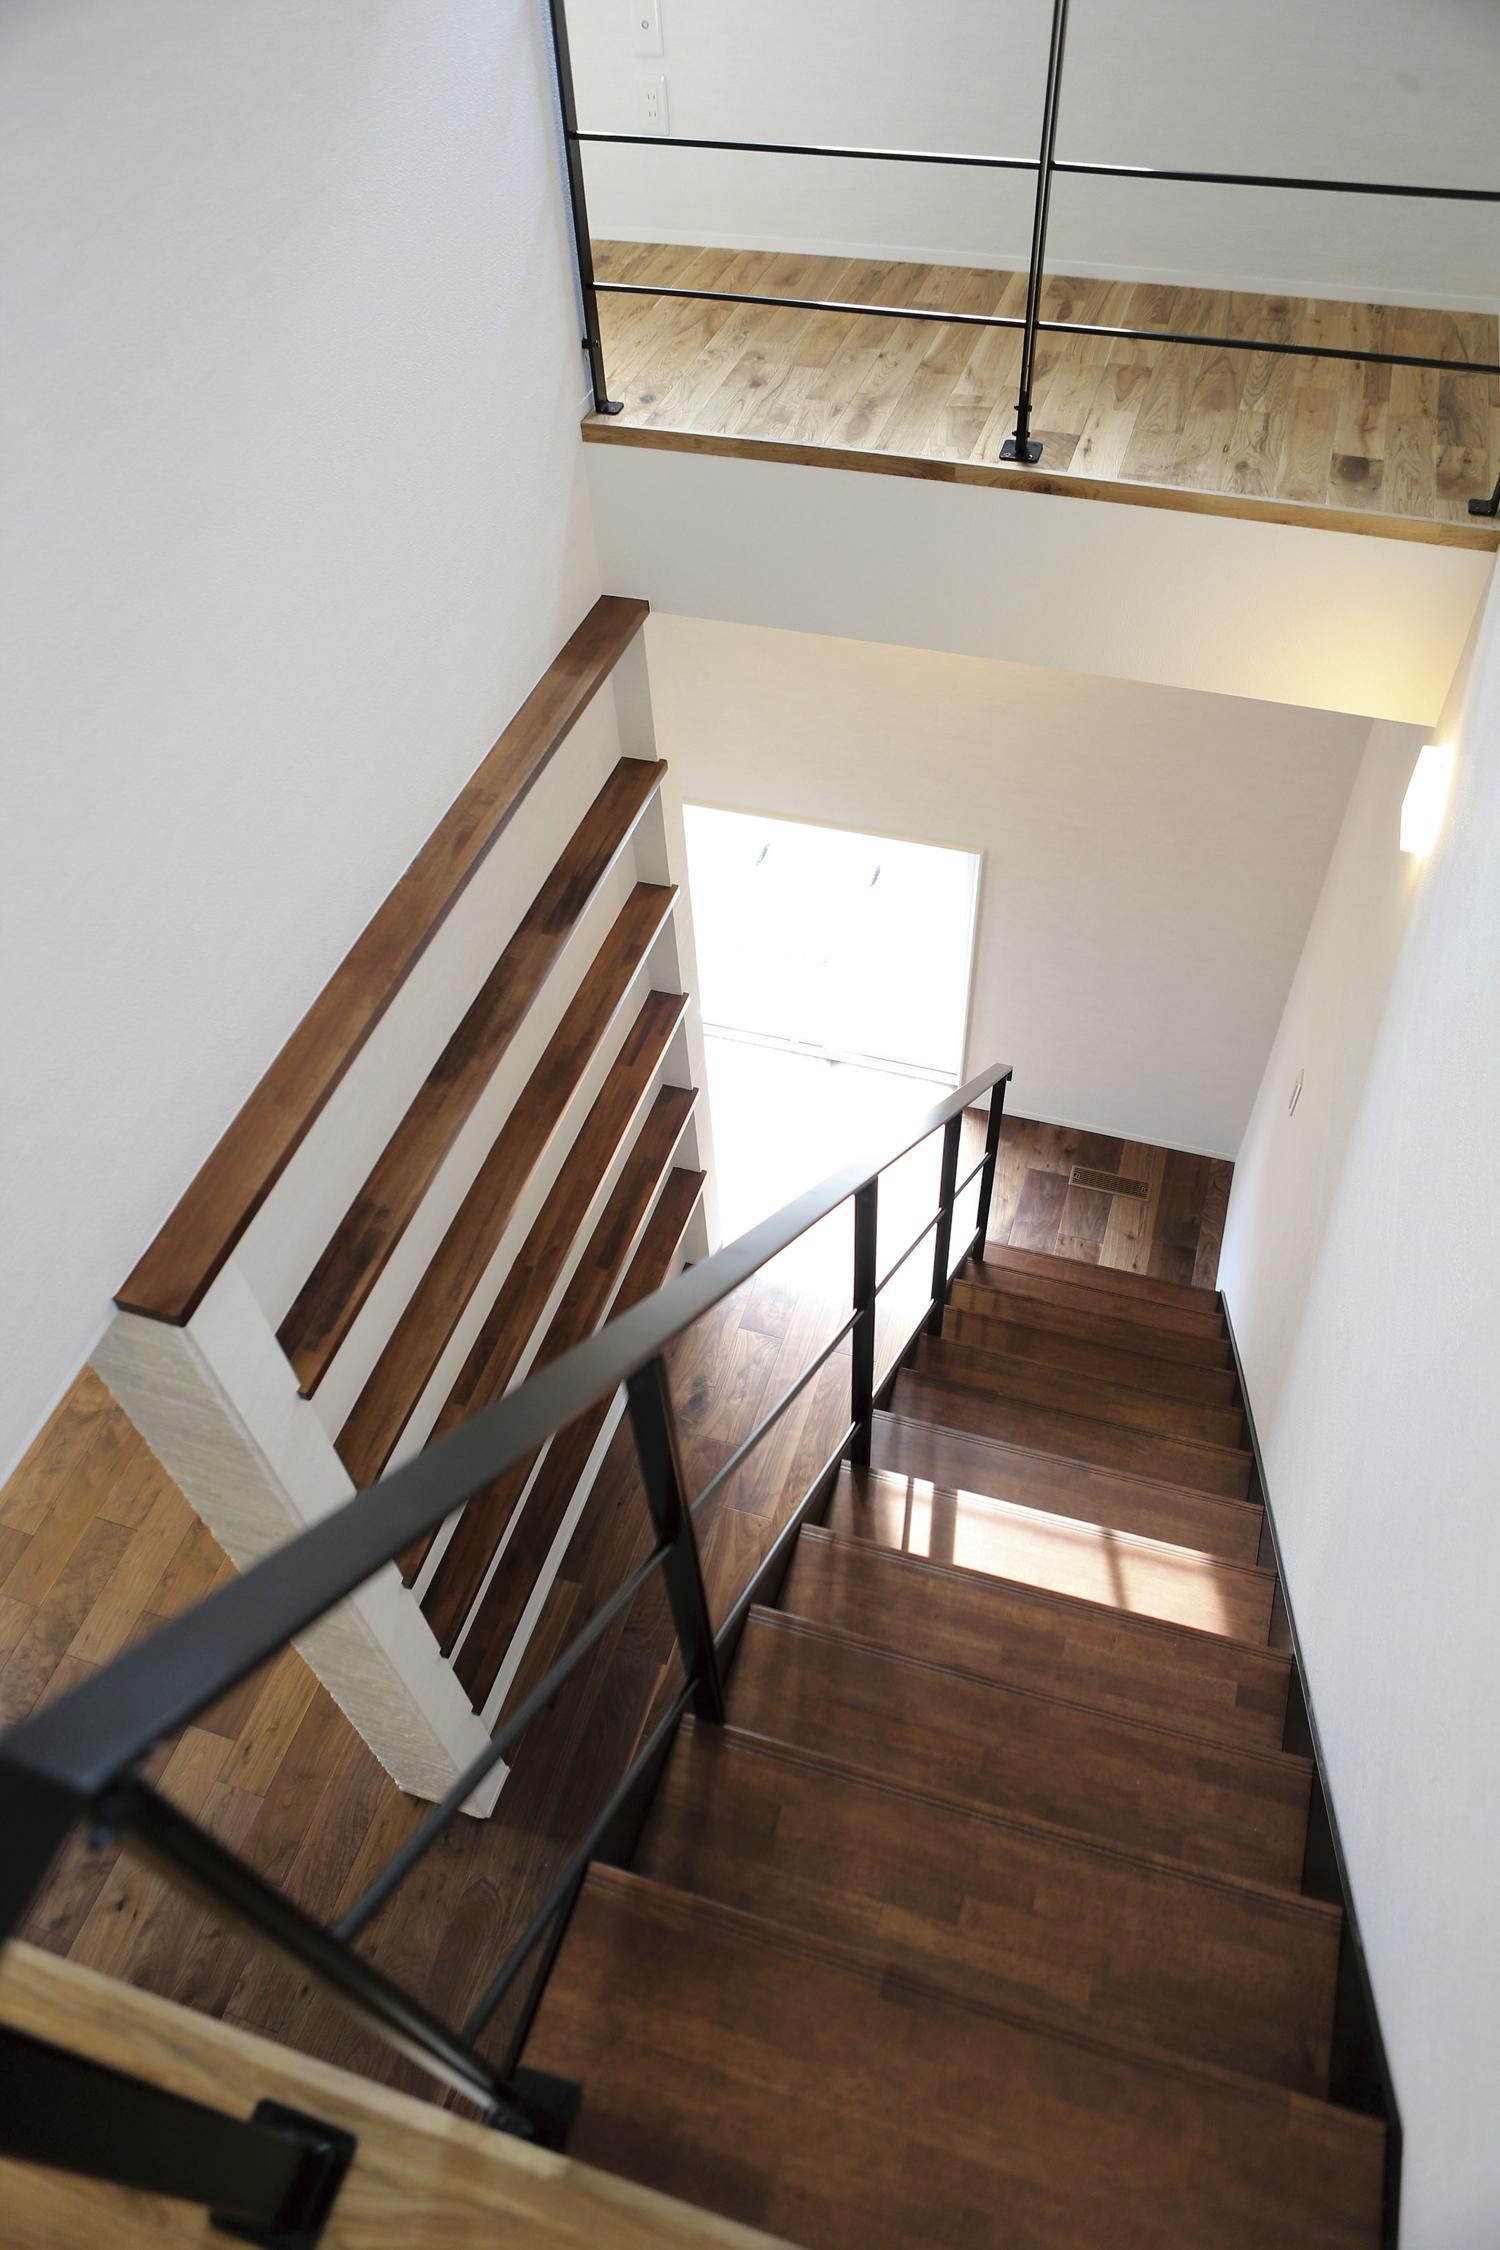 福山市の注文住宅|今井住建の施工事例ギャラリー「2階に続く棚が空間に広がりを」